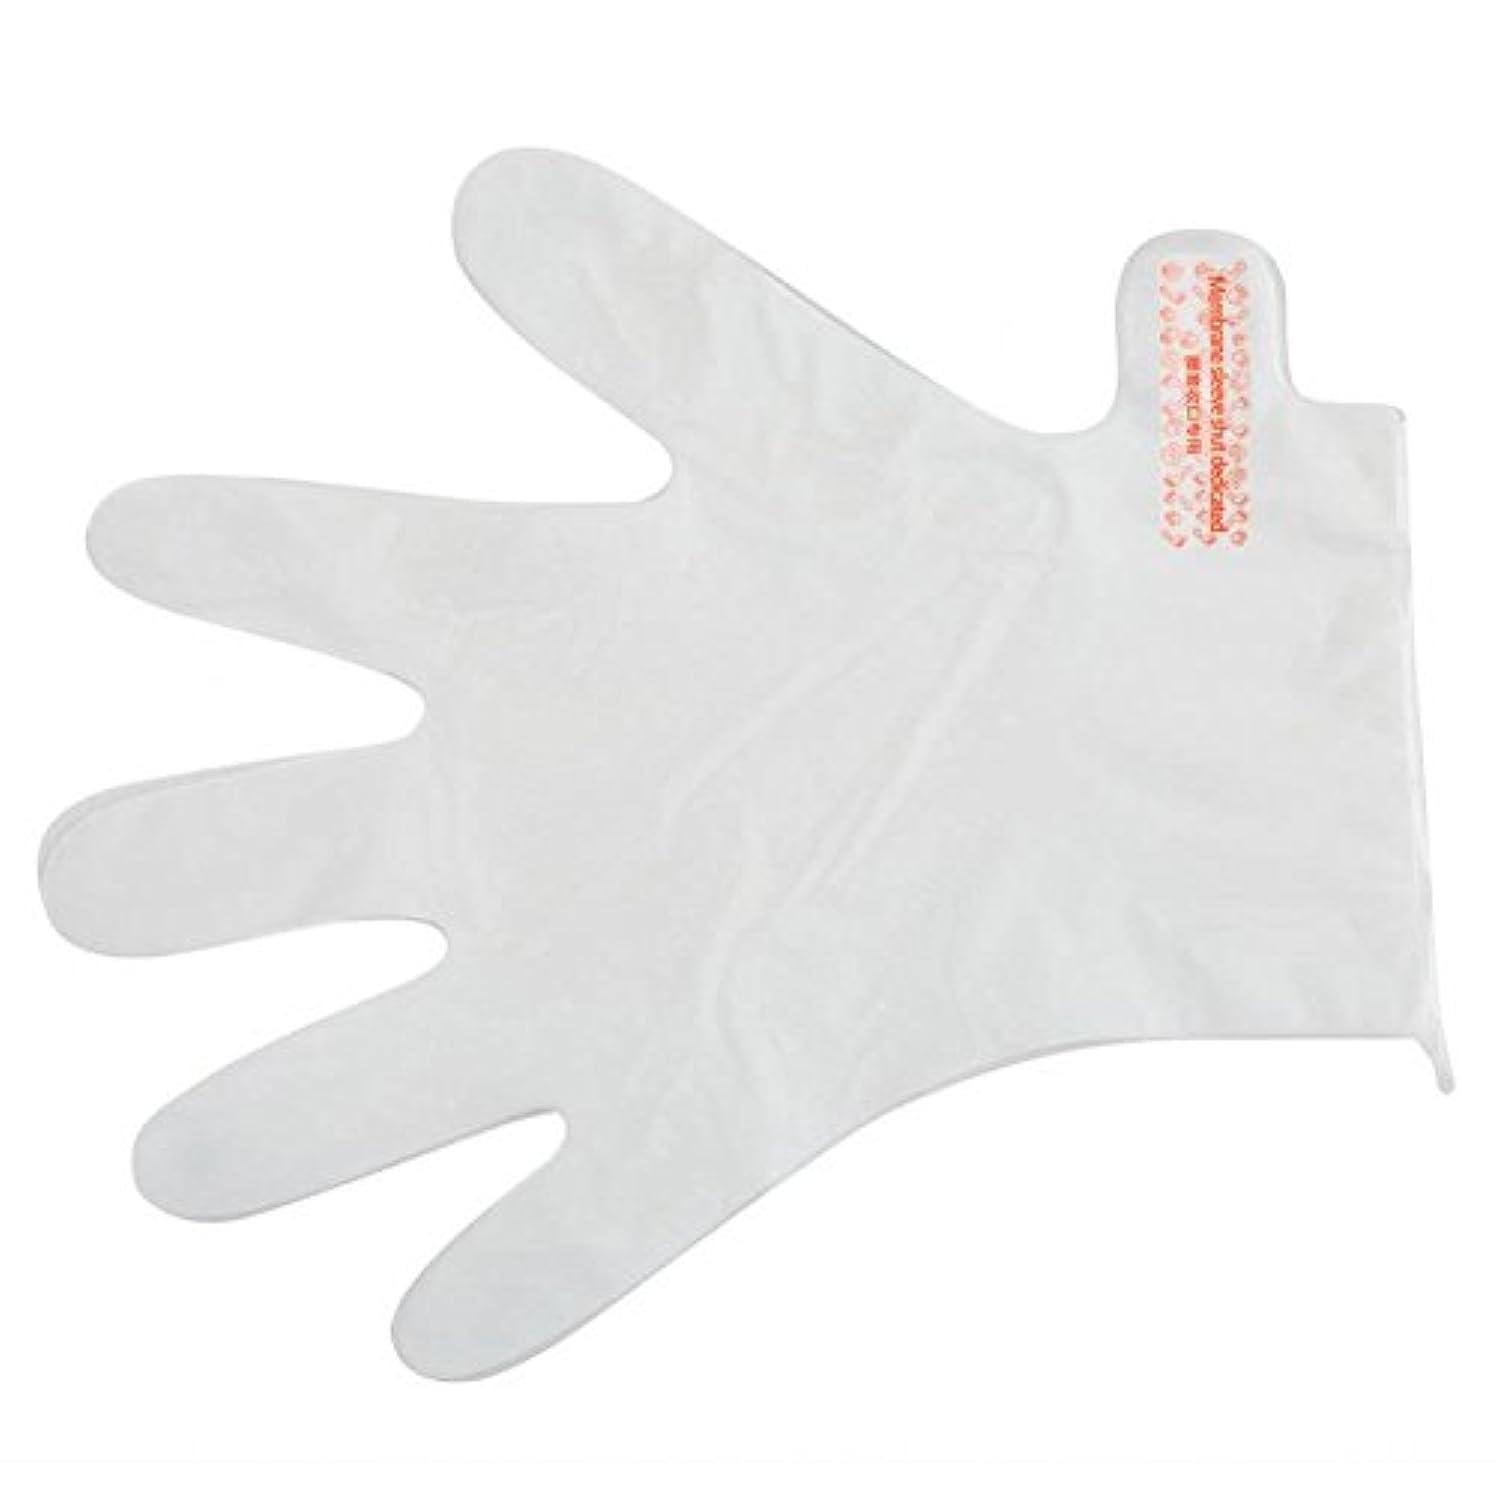 破壊的租界使い込むハンドマスク ハンドパック 5セット 保湿 美白 手ケア ハンドケア 手袋 乾燥 肌荒れ対策 手 指 潤い ホワイトニング モイスチャー 自宅 しっとり